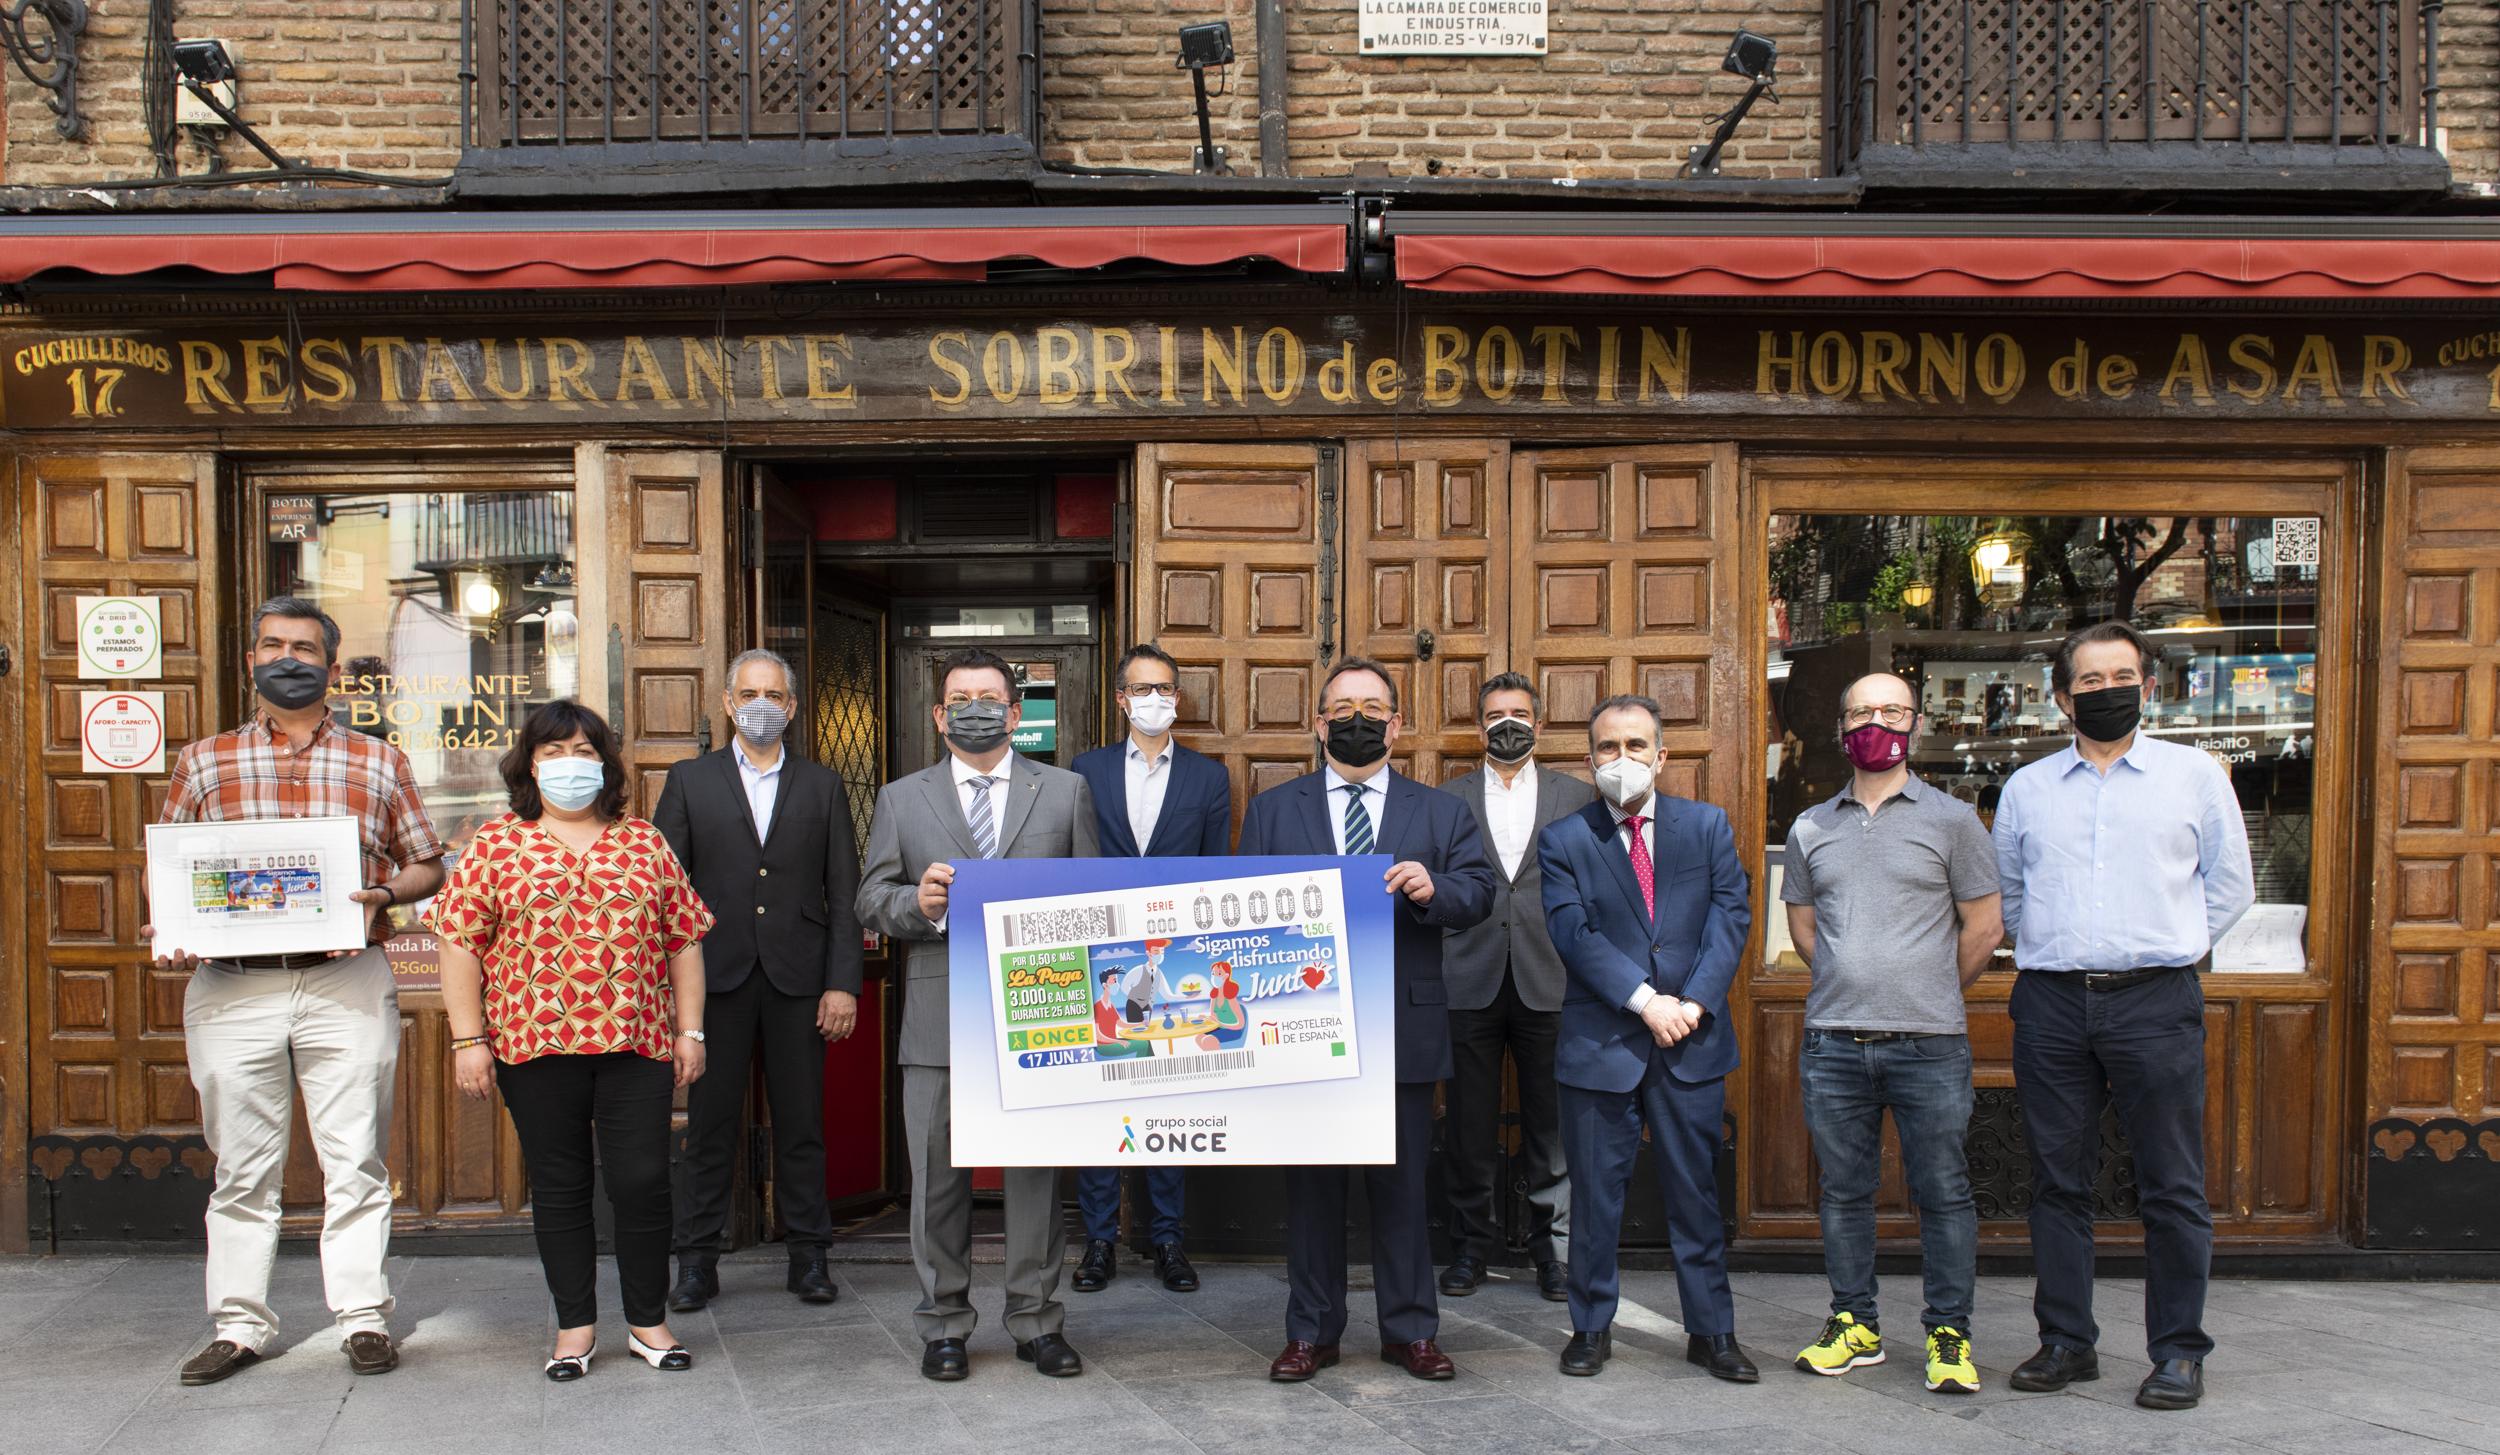 La ONCE dedica un cupón en apoyo a la hostelería para que 'Sigamos disfrutando juntos' - La Viña